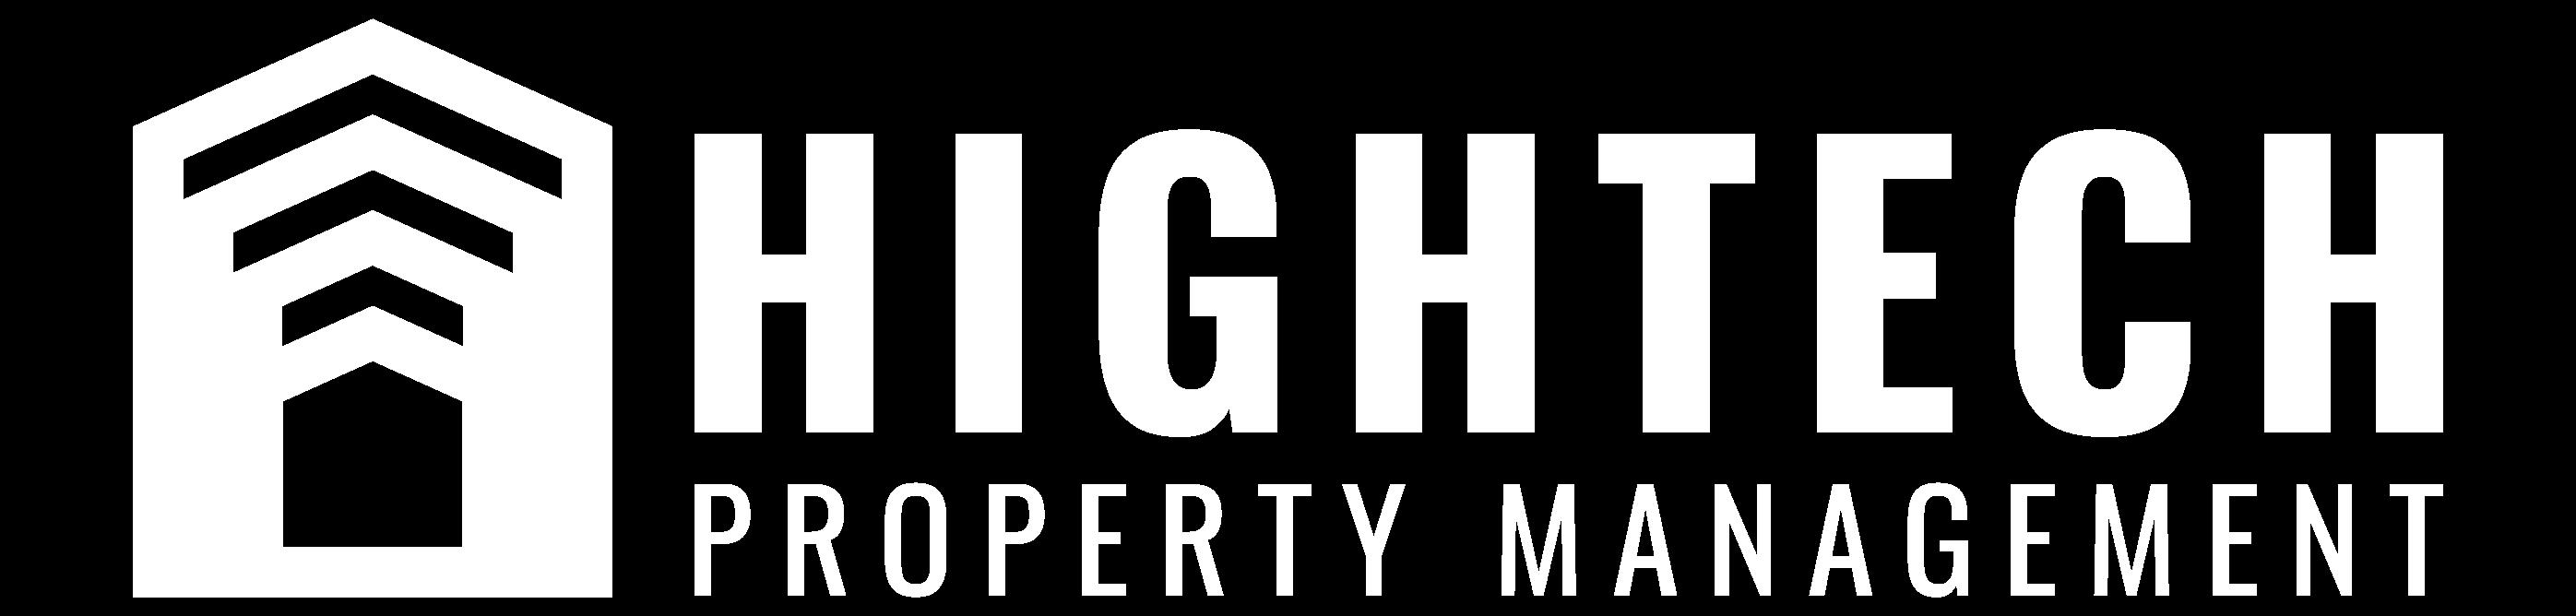 High Tech Property Management